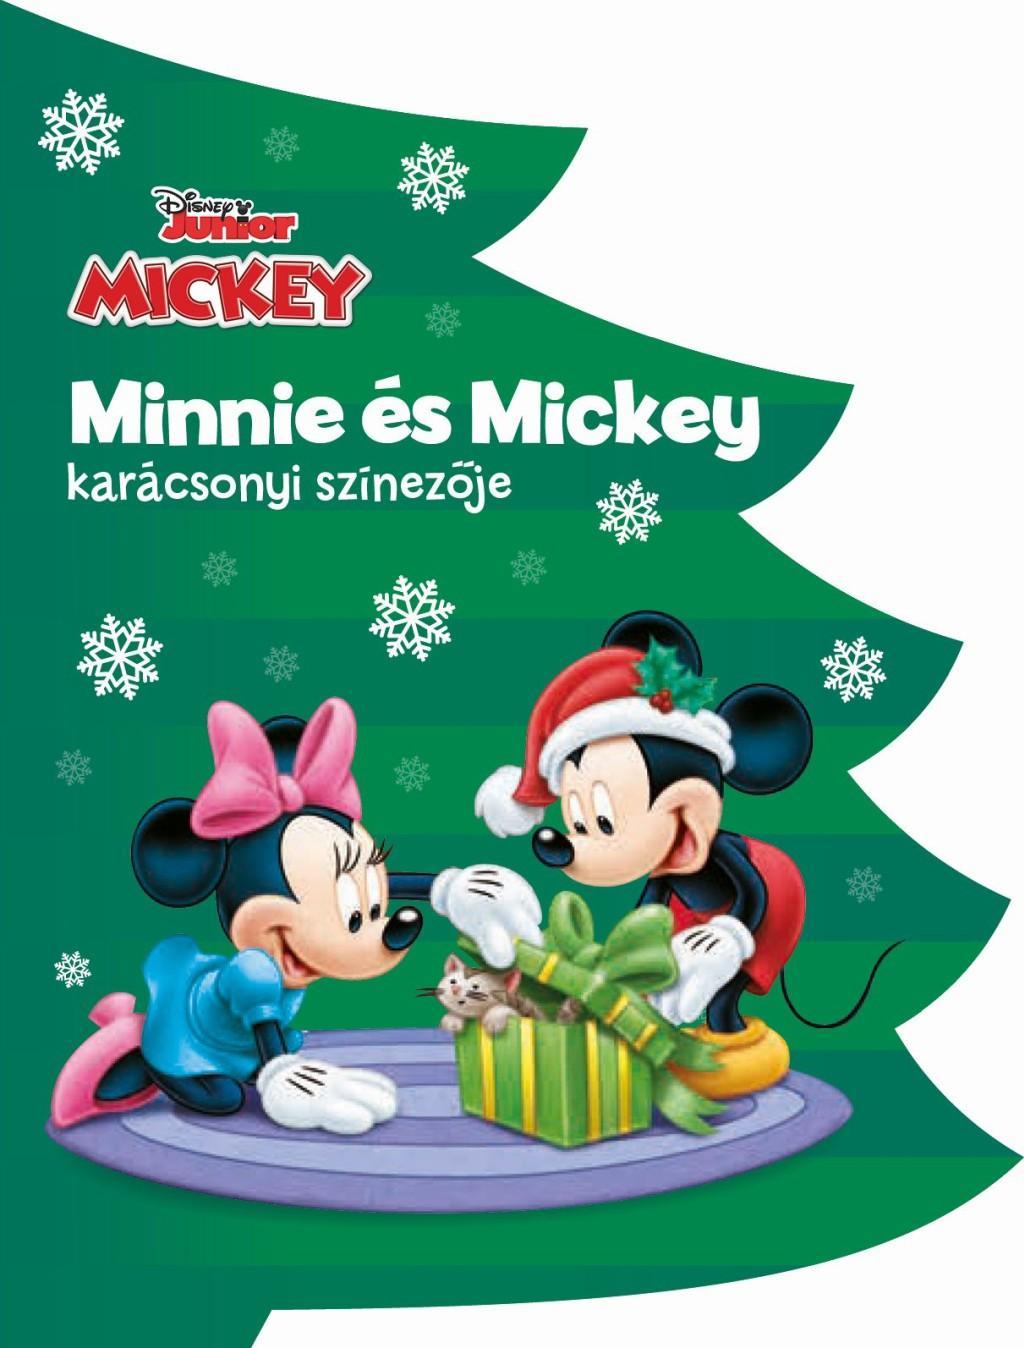 - - Disney - Minnie és Mickey karácsonyi színezője